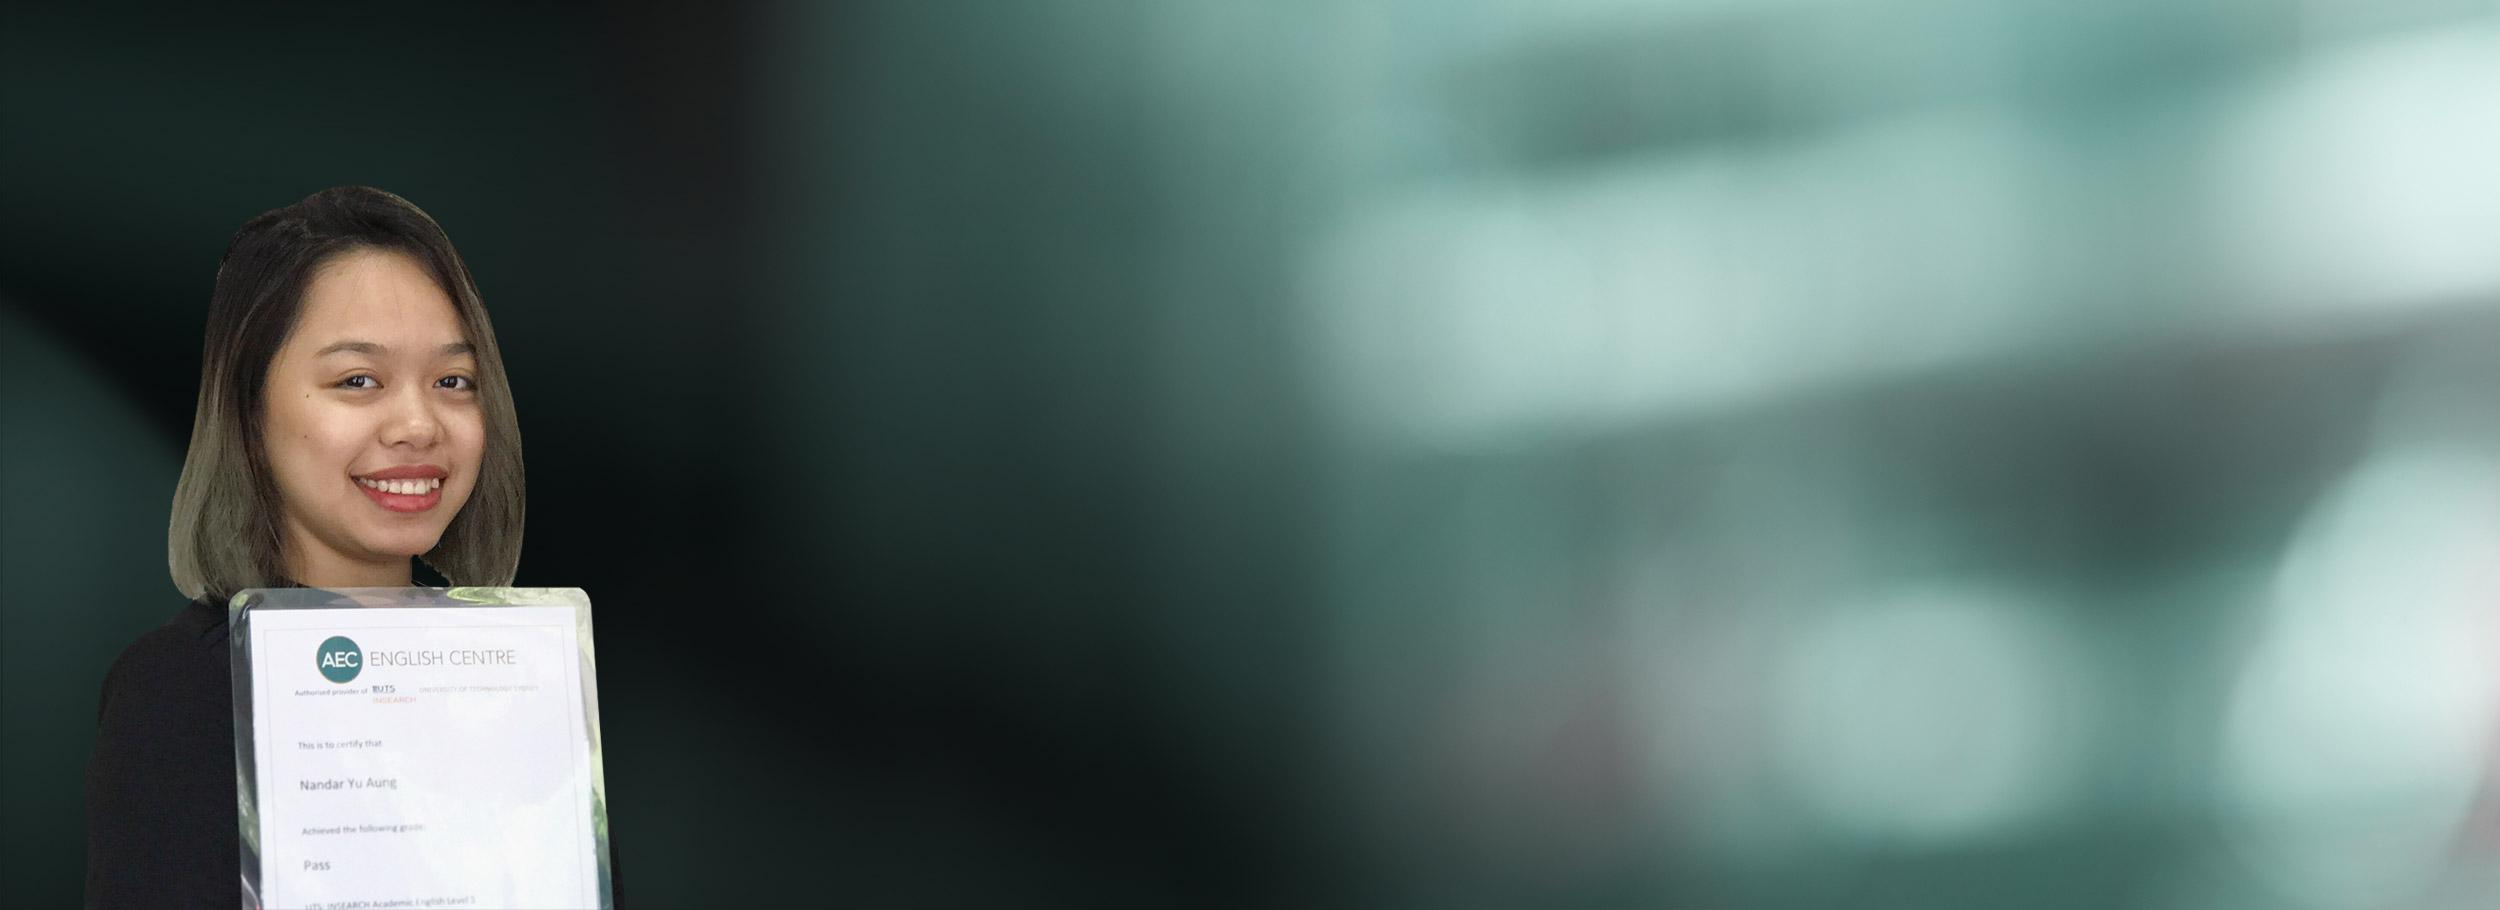 'AEC မွာ ၁၀ ပတ္သင္တန္းတက္ျပီးေနာက္ပိုင္း ကၽြန္မရဲ႕ အဂၤလိပ္စာ သိသိသာသာကုိ တုိးတက္လာခဲ့ပါတယ္'